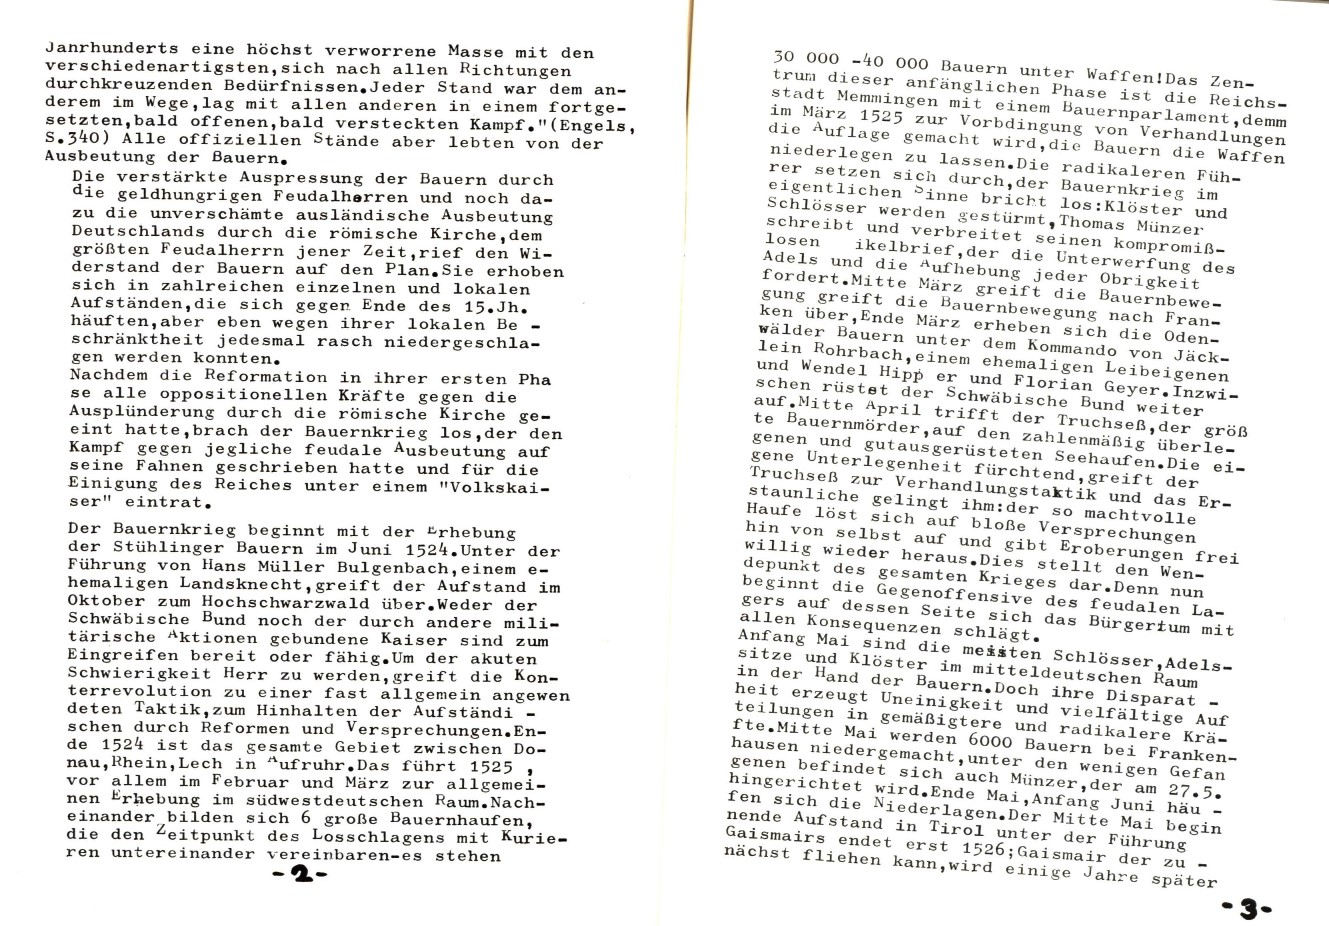 Berlin_KSV_1976_Wochenendseminare_Geschichte_01_03